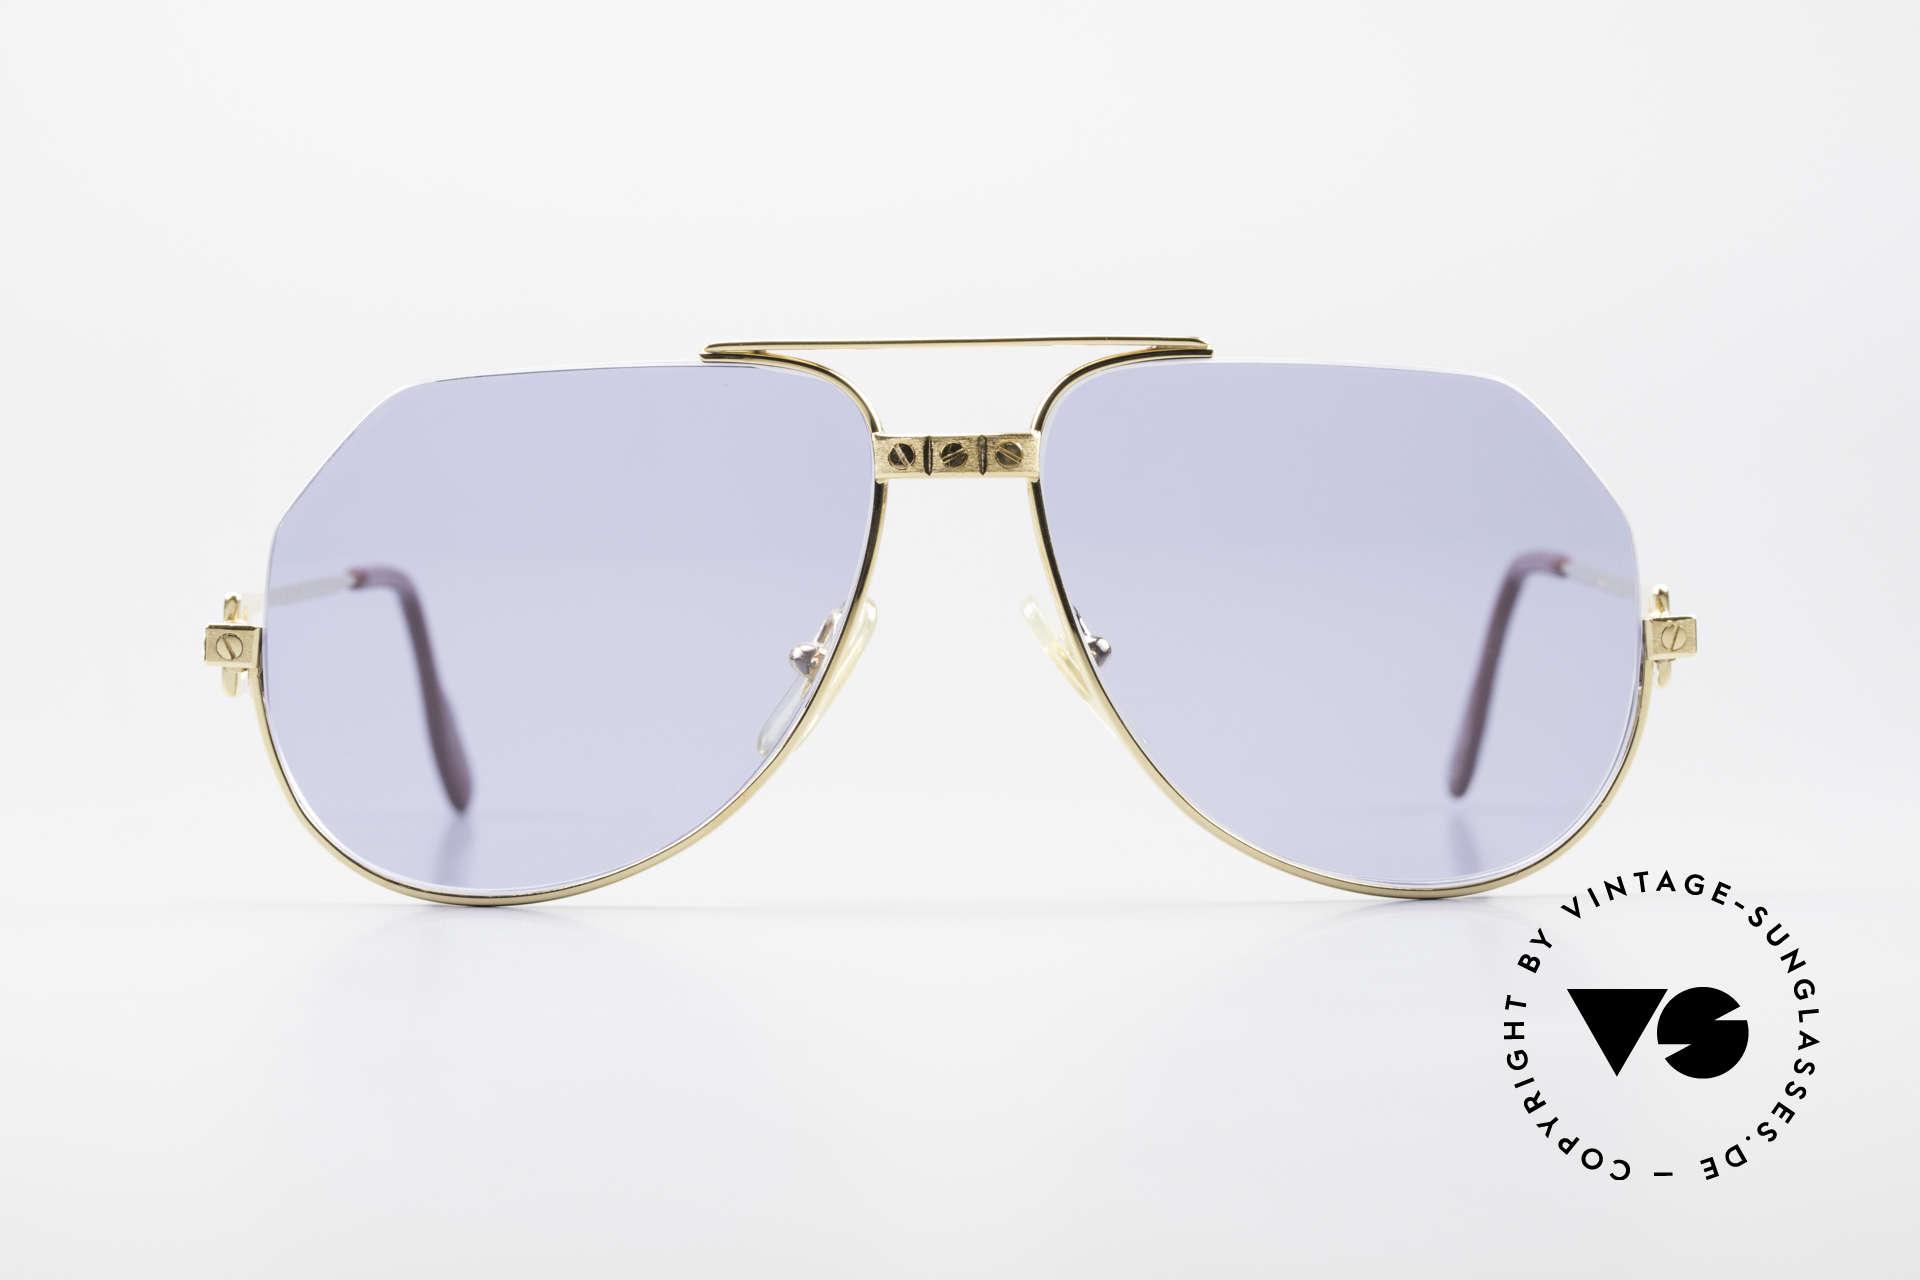 Cartier Vendome Santos - S Einzelstück Nylor Und Gold, kostbares, von unserem Juwelier gefertigtes, Einzelstück, Passend für Herren